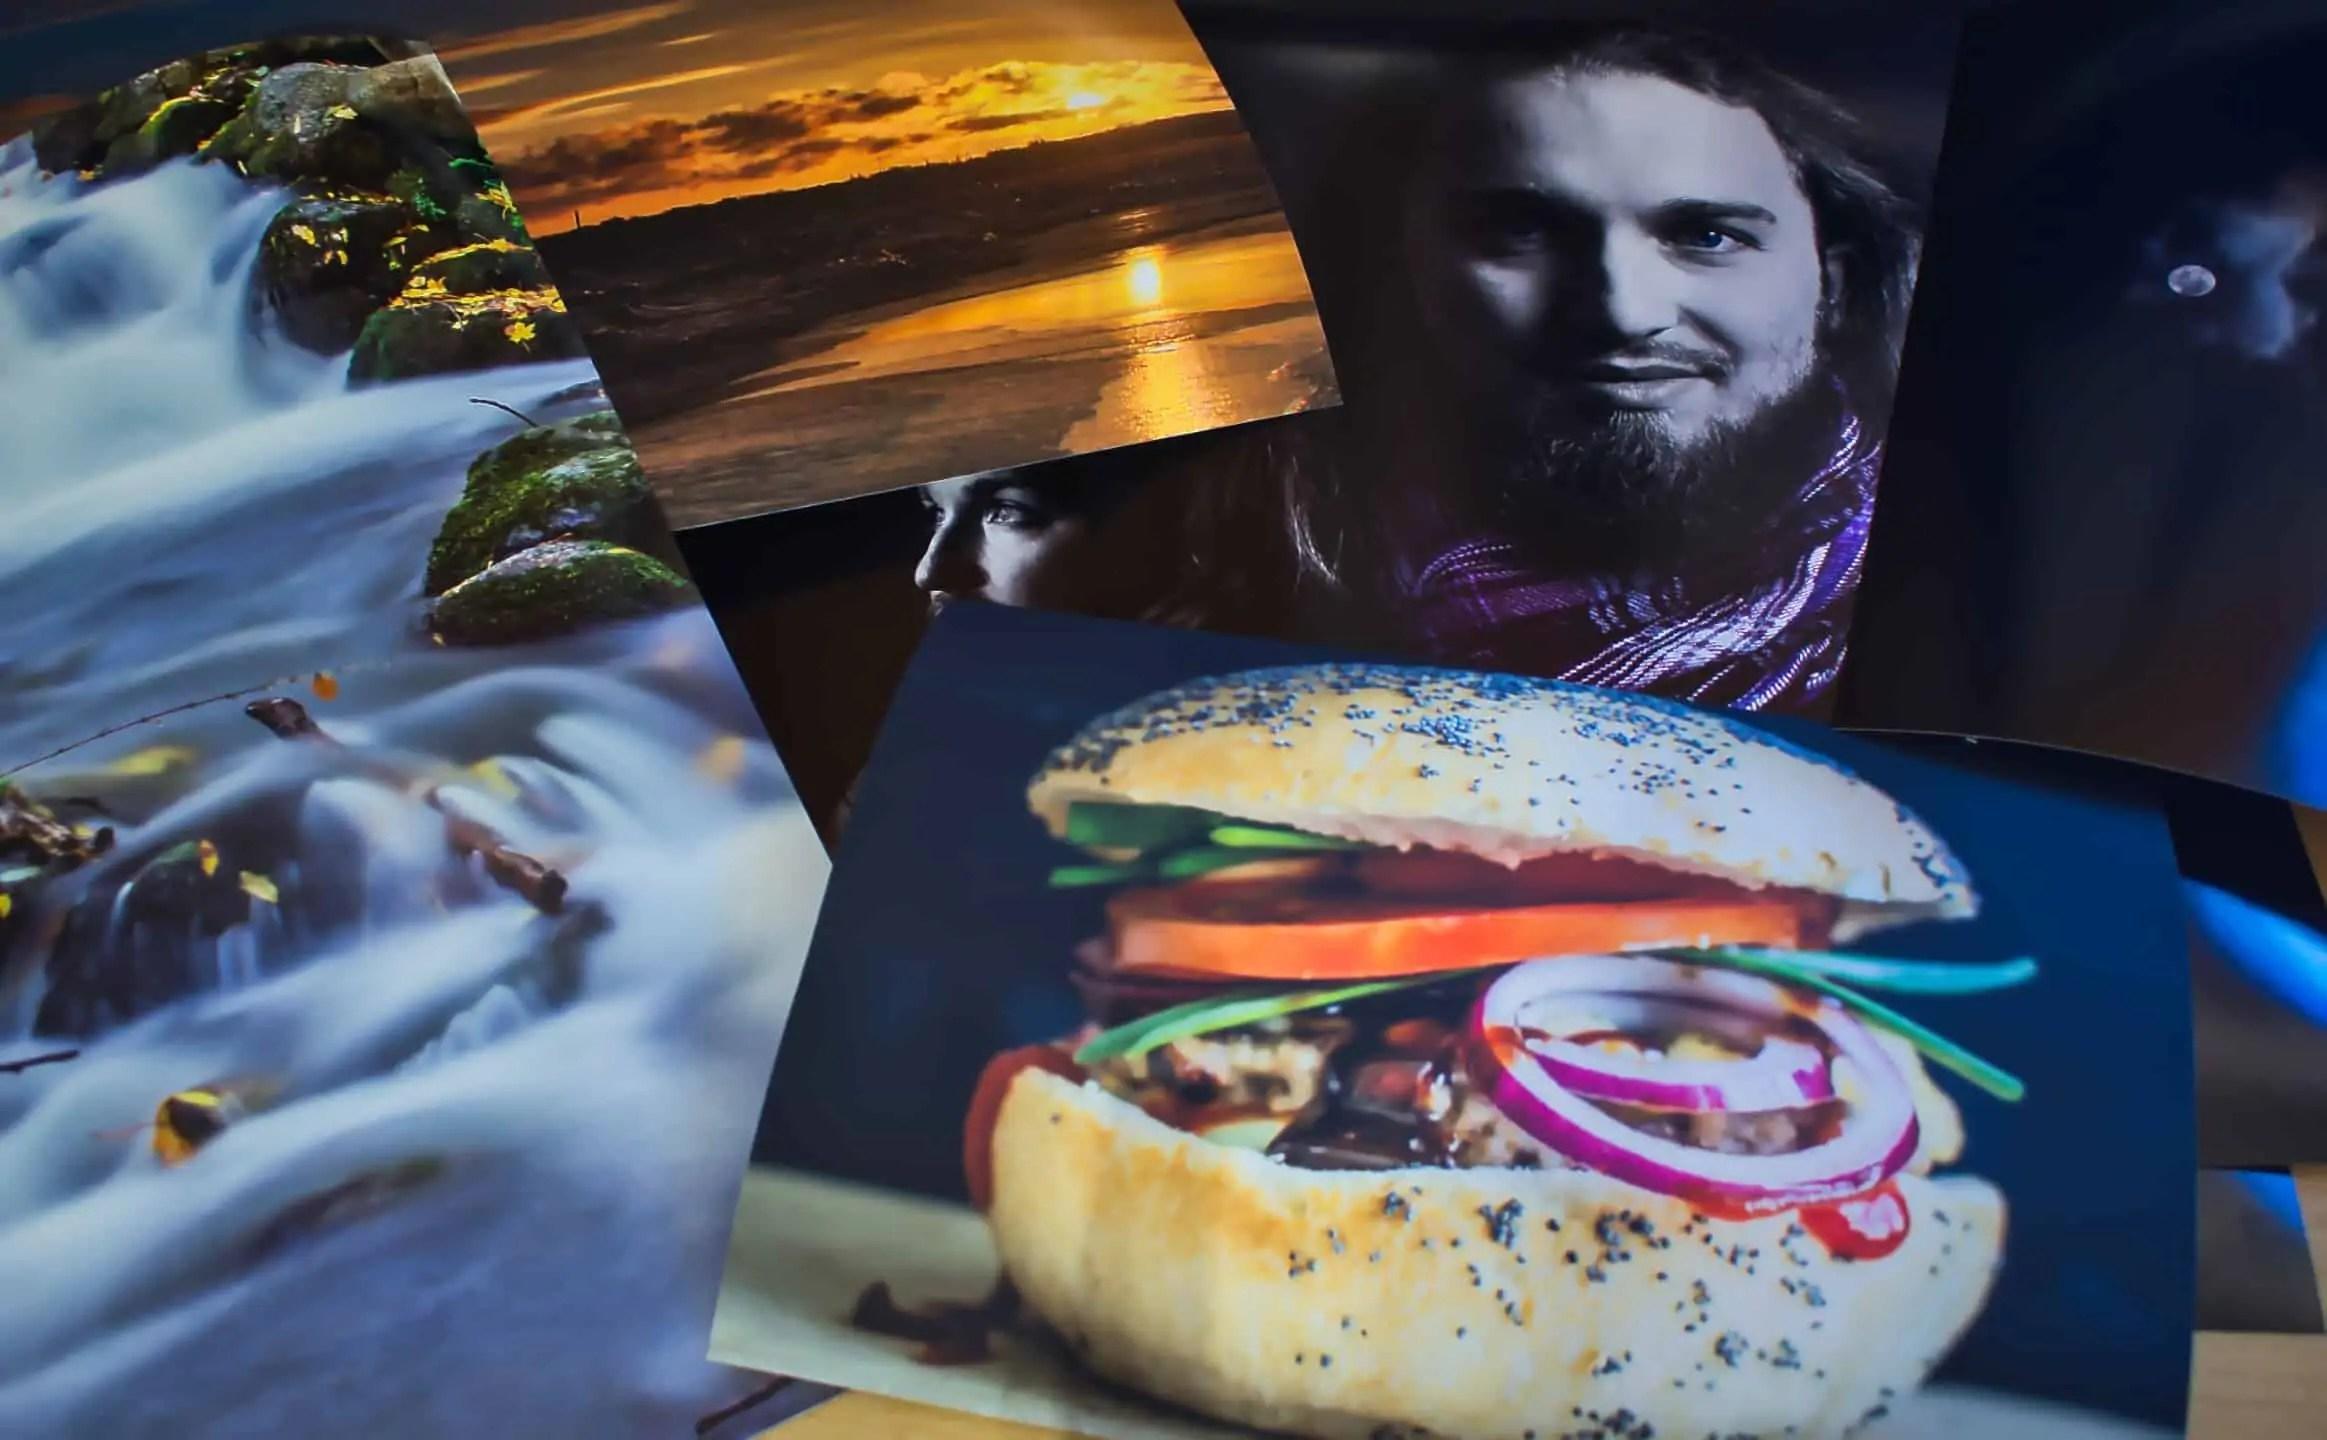 Drukowanie fotografii na papierze fotograficznym - Najlepszy prezent dla fotografa jest darmowy. Resztę kupisz do 100 pln